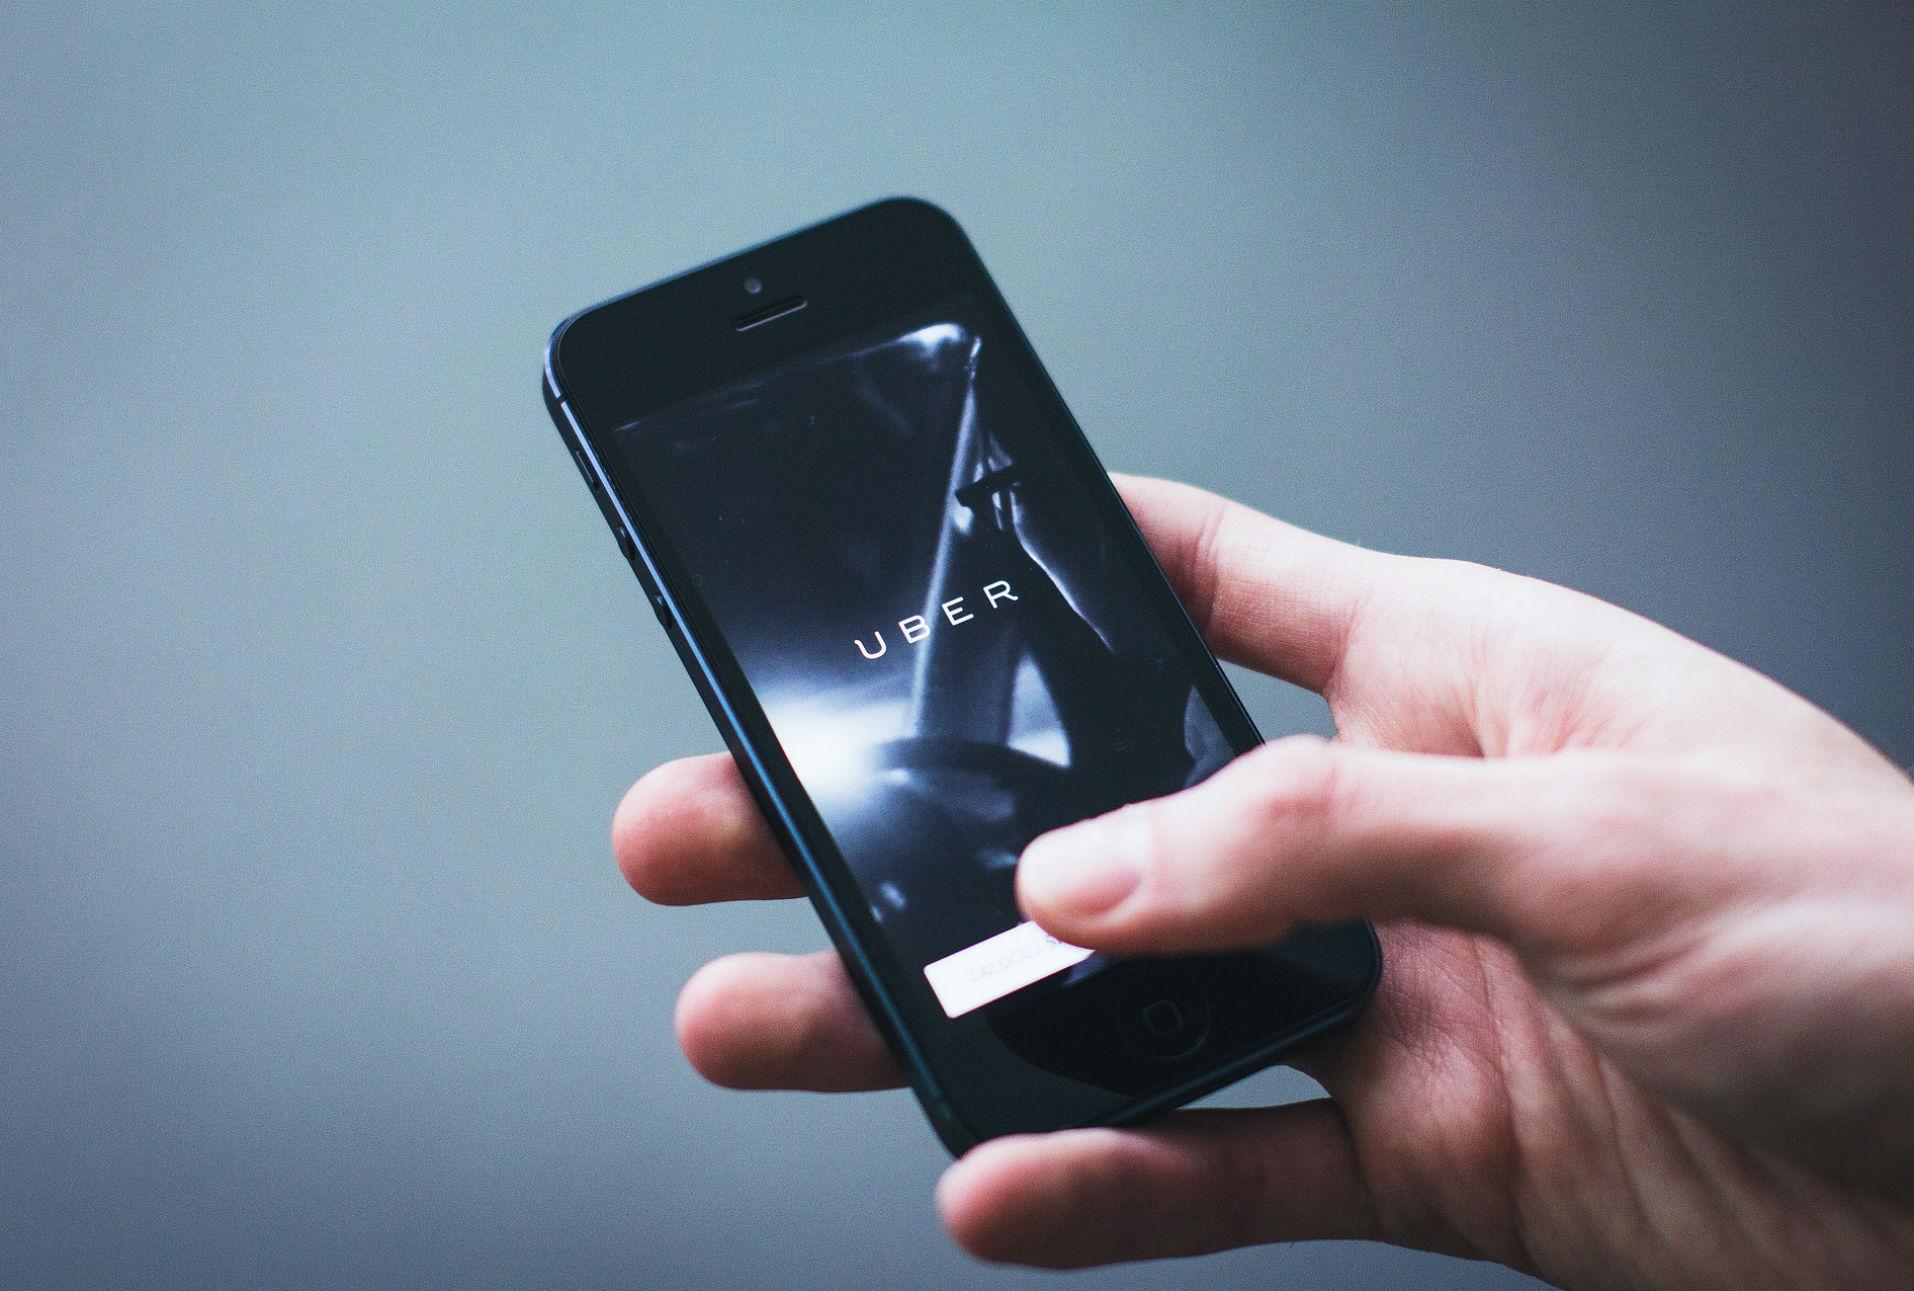 Uber pagará 148 millones de dólares por intentar ocultar robo de datos en 2016